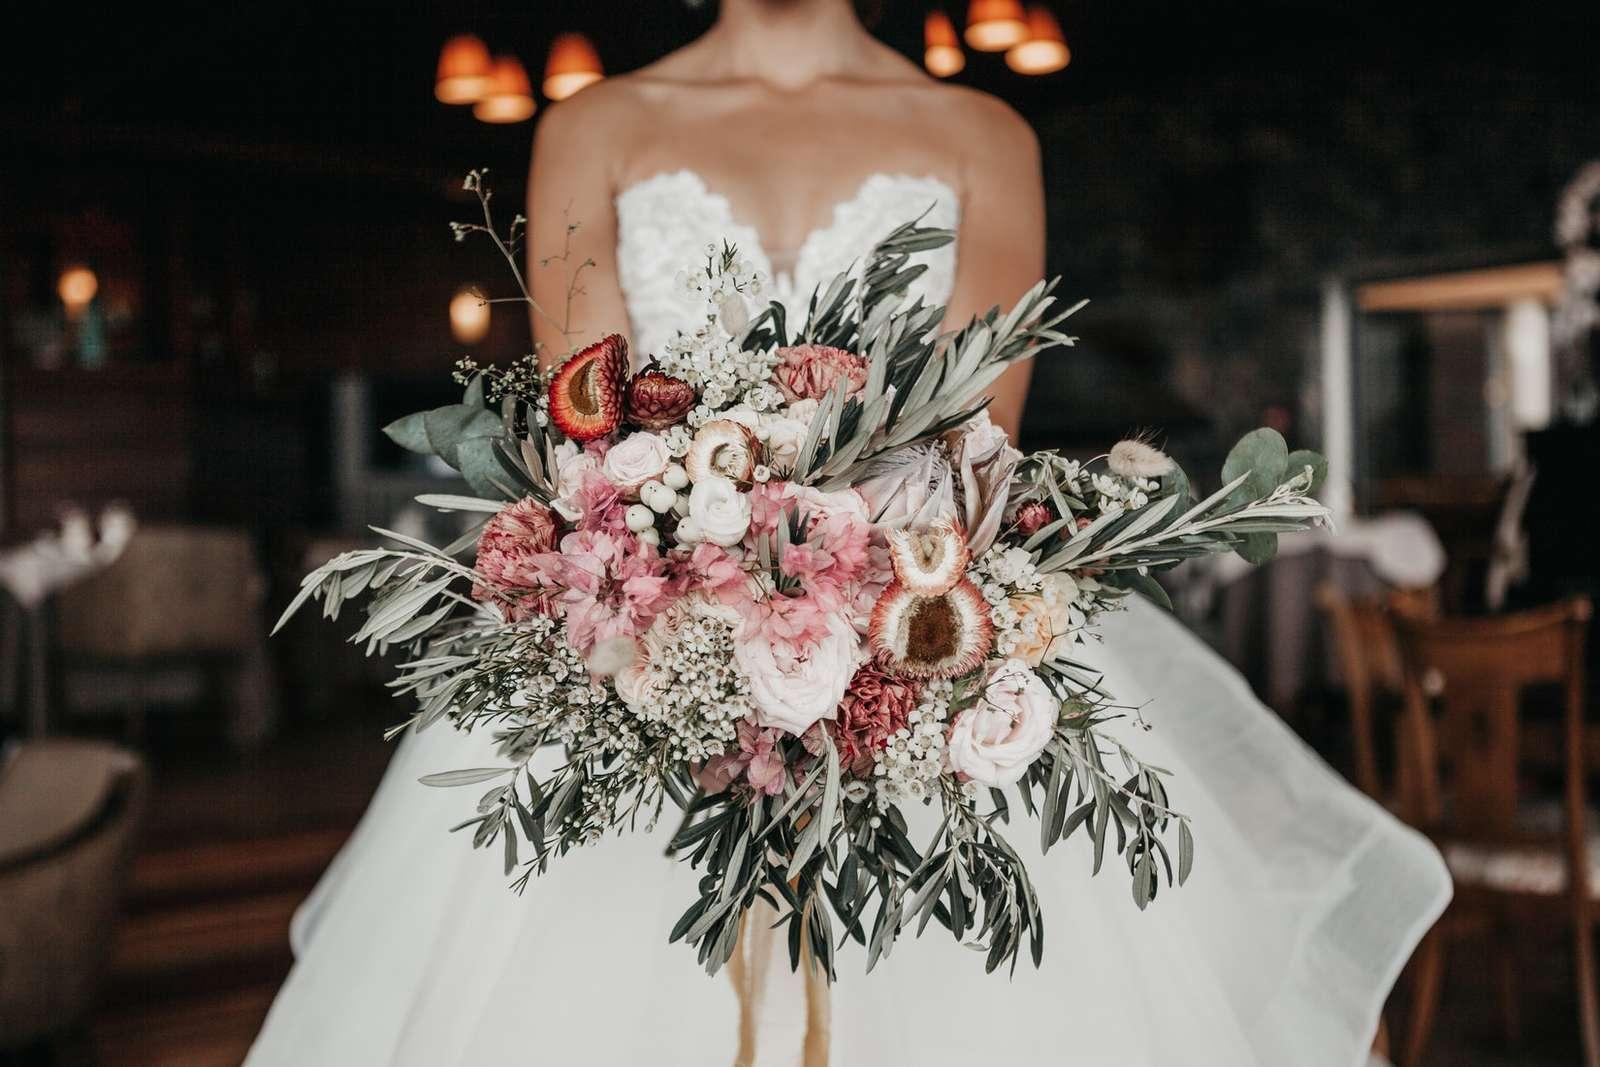 Fehér rózsa, esküvői csokor - Esküvői csokor benne fehér rózsákkal. Gyönyörű fehér rózsák. A fehér rózsa az örökkévalóság, a szépség, az öröm jelképe - valami misztikus (11×11)